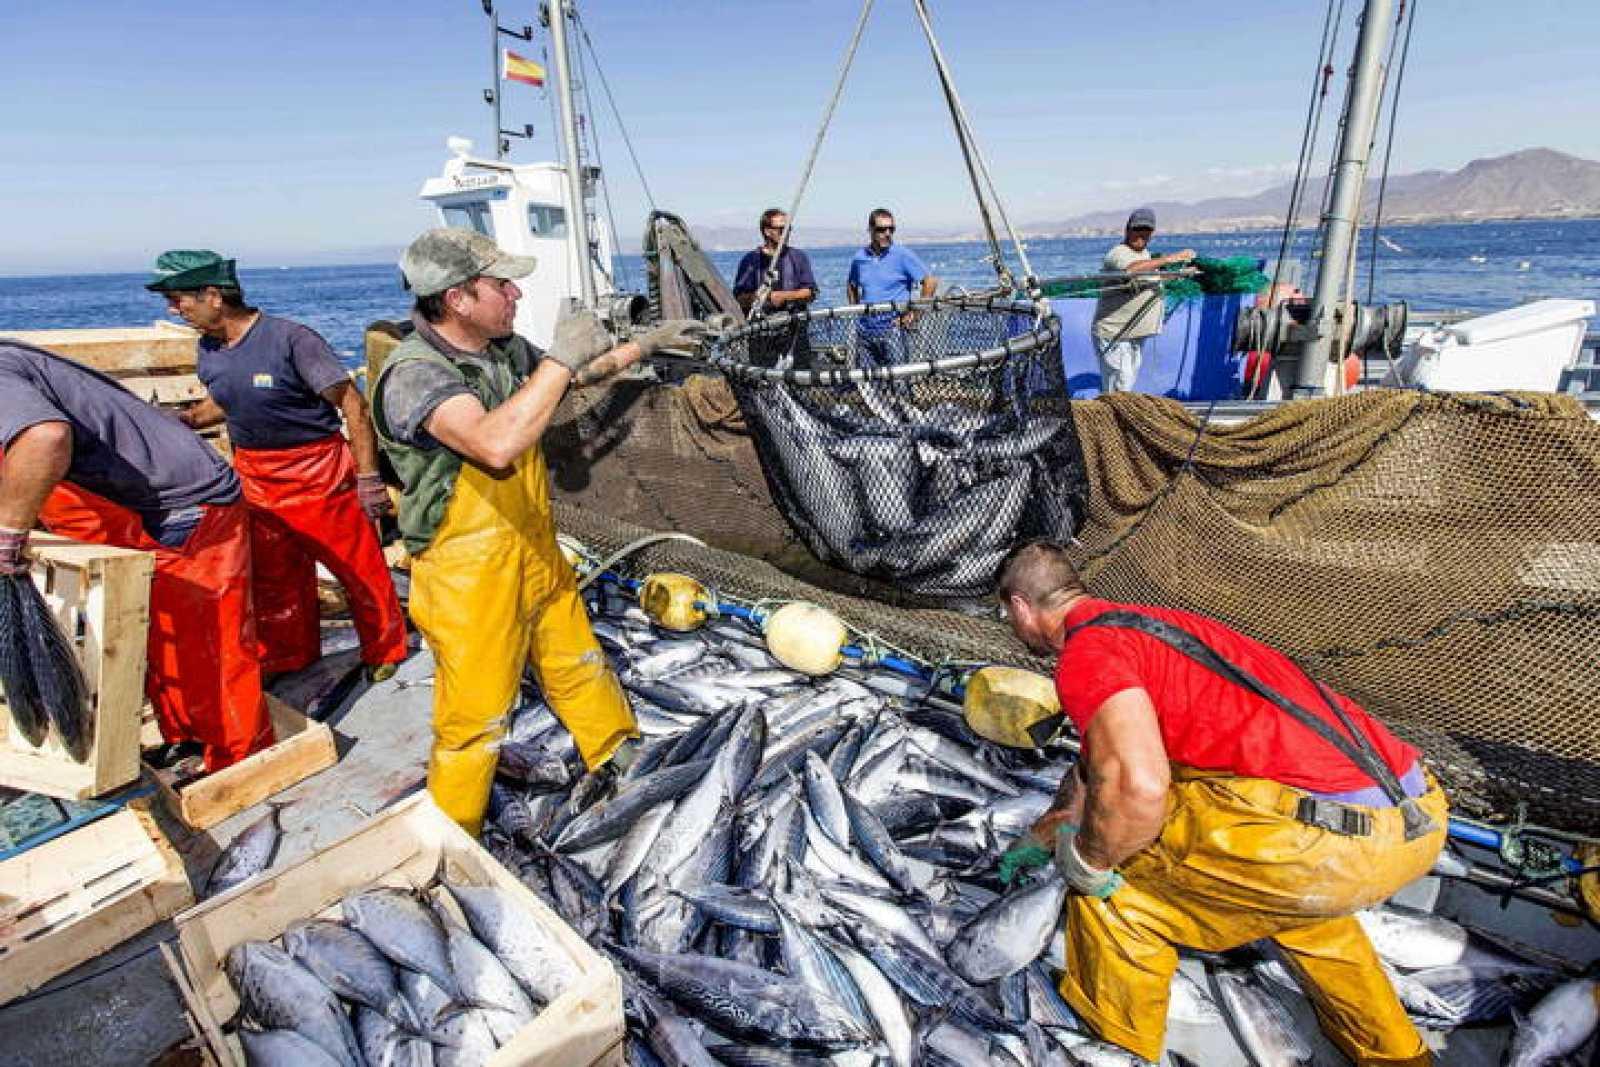 El estándar de pesca responsable de la flota atunera española se convierte en referente internacional para los ODS de la ONU